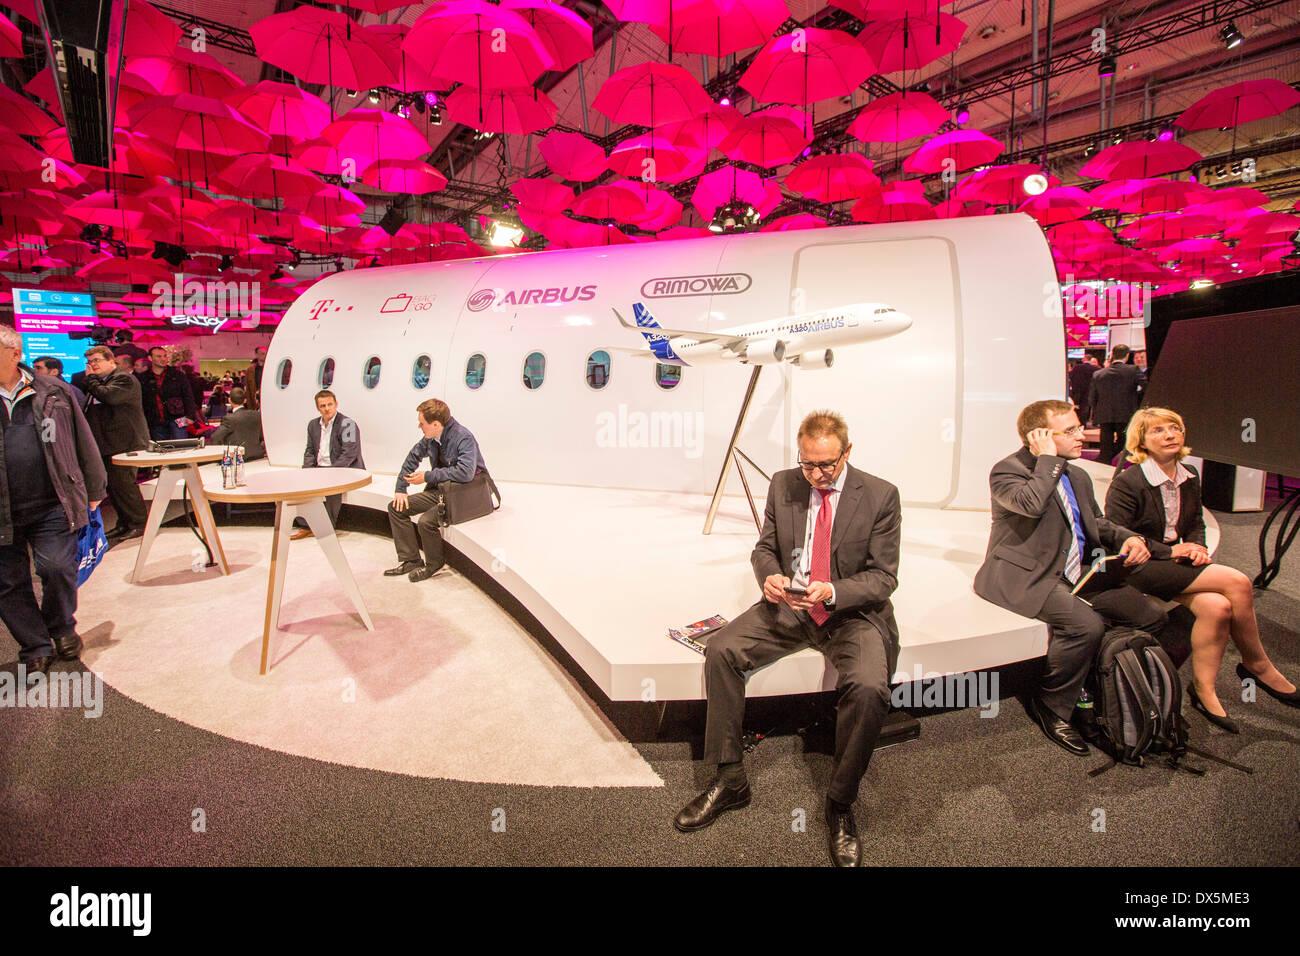 CeBIT Computer Messe 2014, Deutsche Telekom, Stand der Deutschen Telekom, Hunderte von rosa Schirme bilden ein Dach über der vorherigen Stockbild